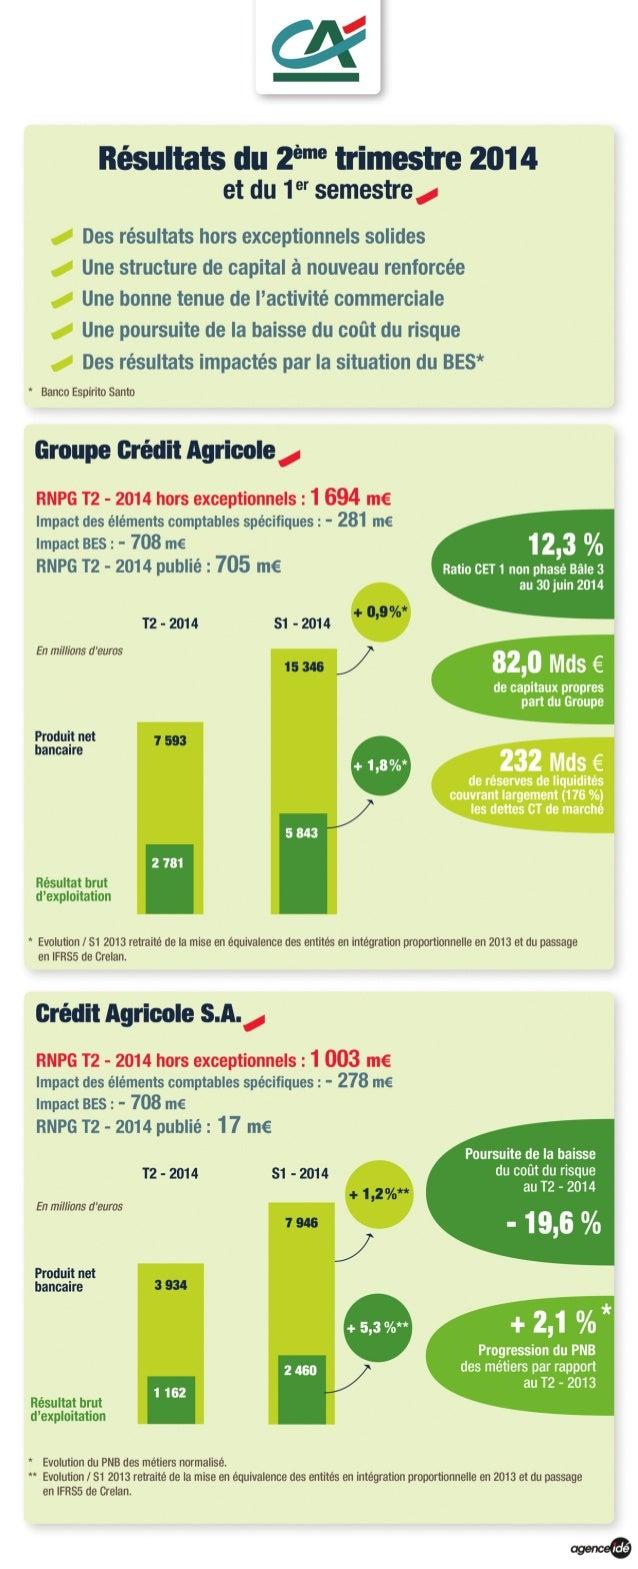 Résultats du 1er semestre et du 2ème trimestre 2014 du groupe Crédit Agricole